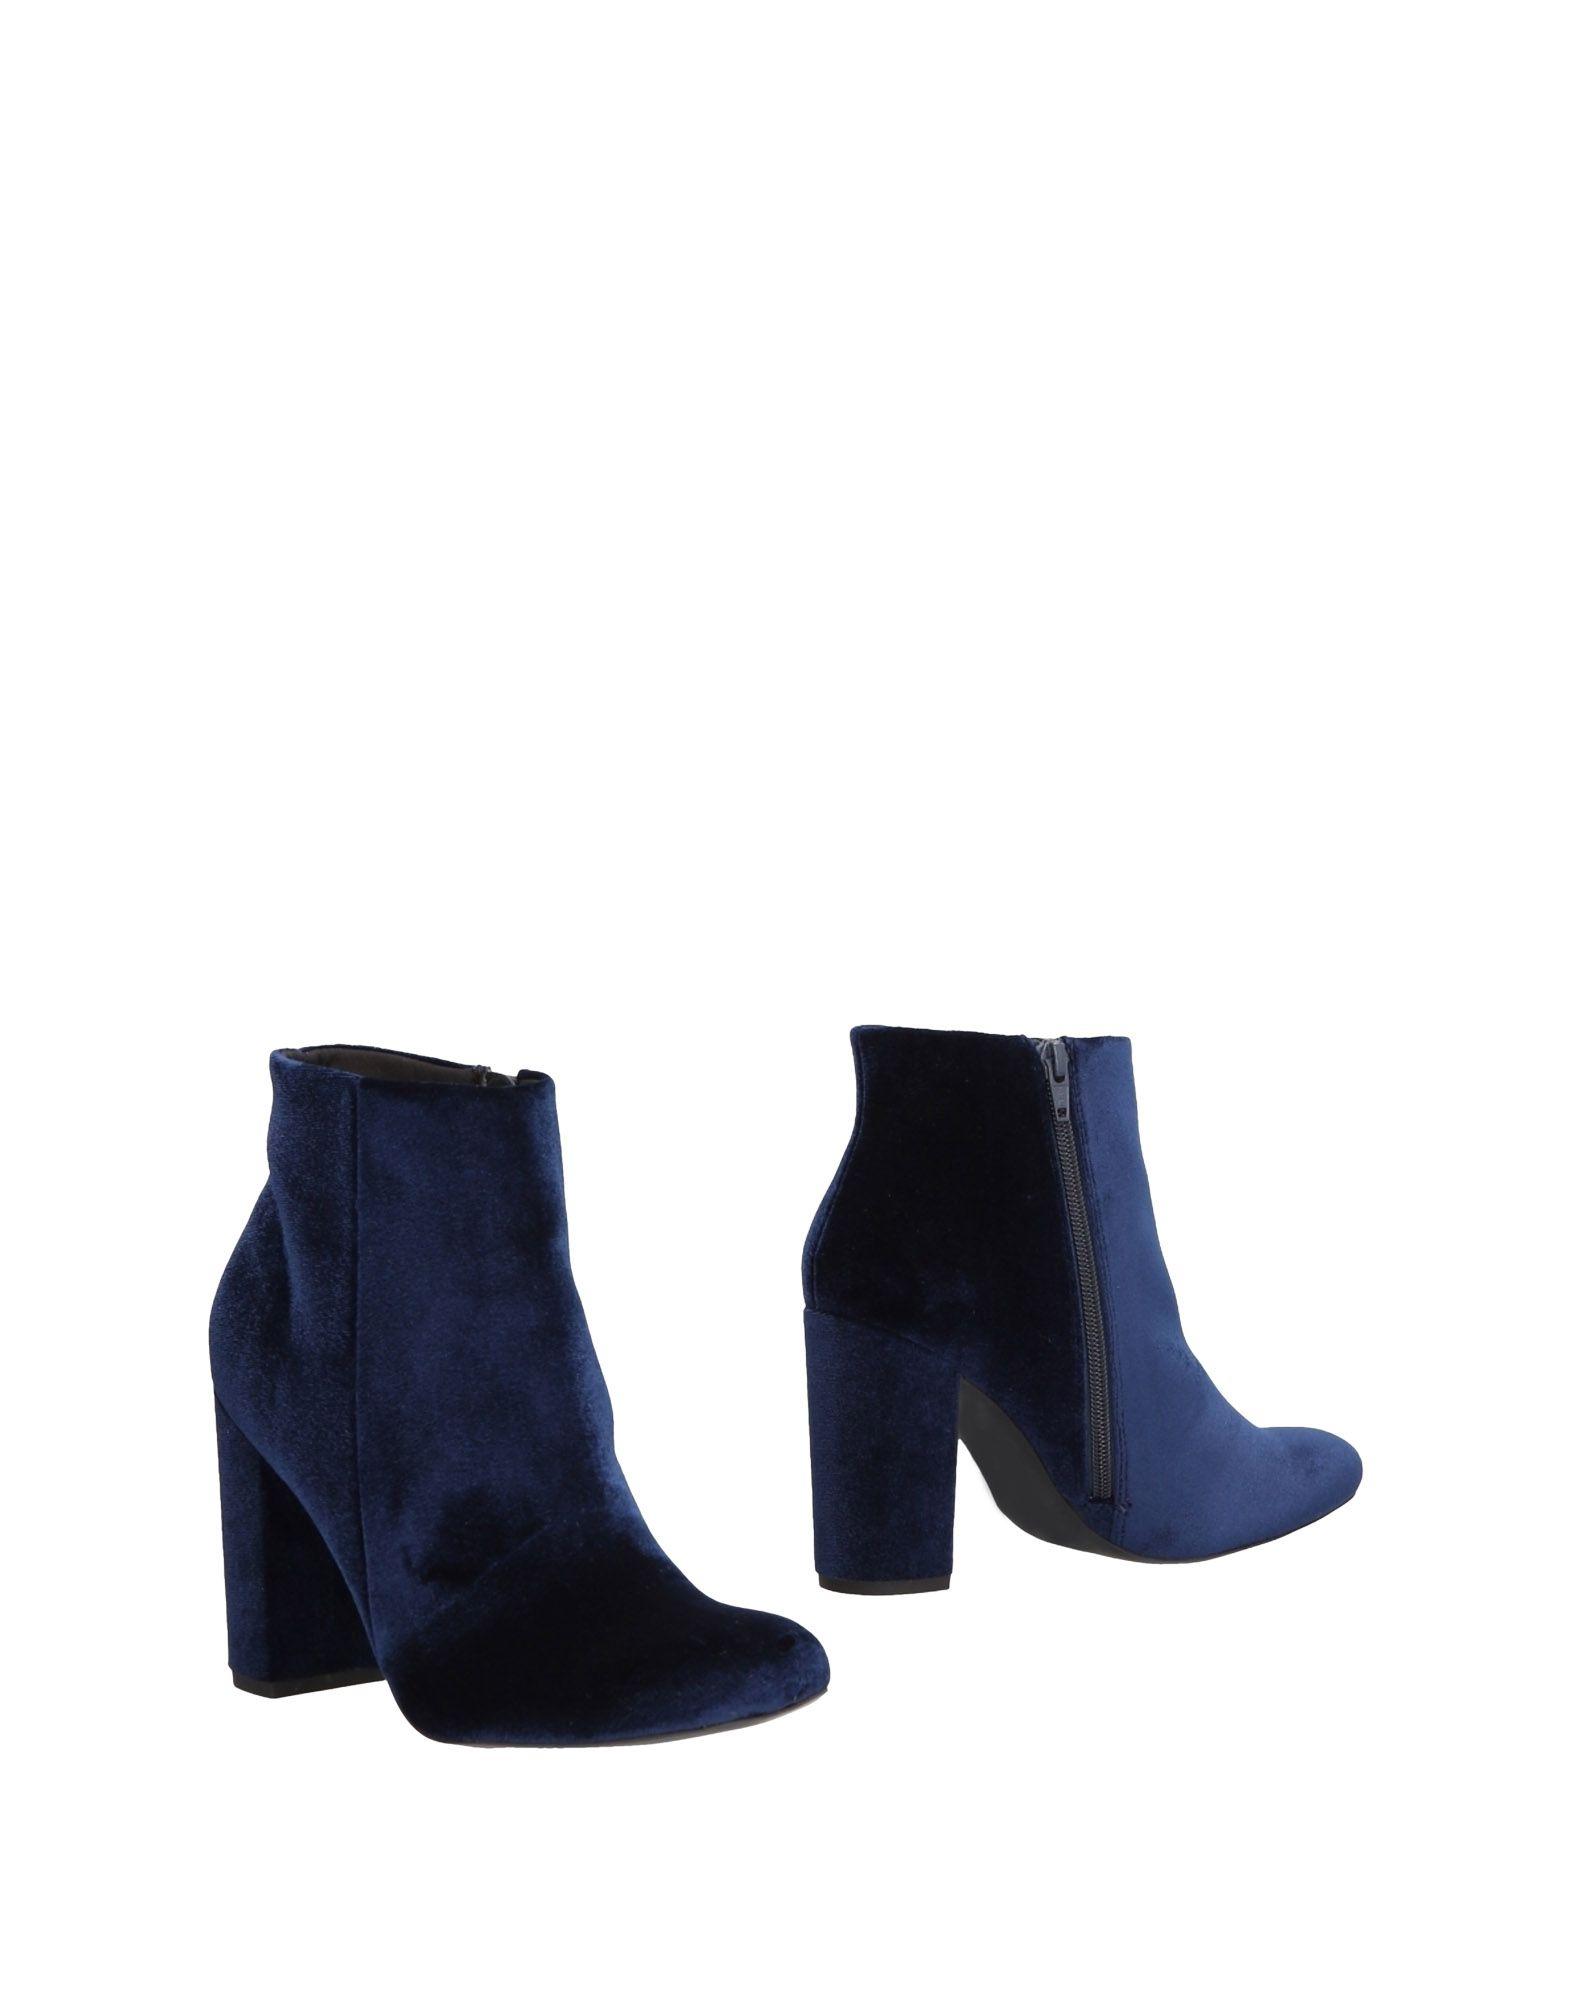 Steve Madden Ankle Boot - Women online Steve Madden Ankle Boots online Women on  Australia - 11467468VL d3b652